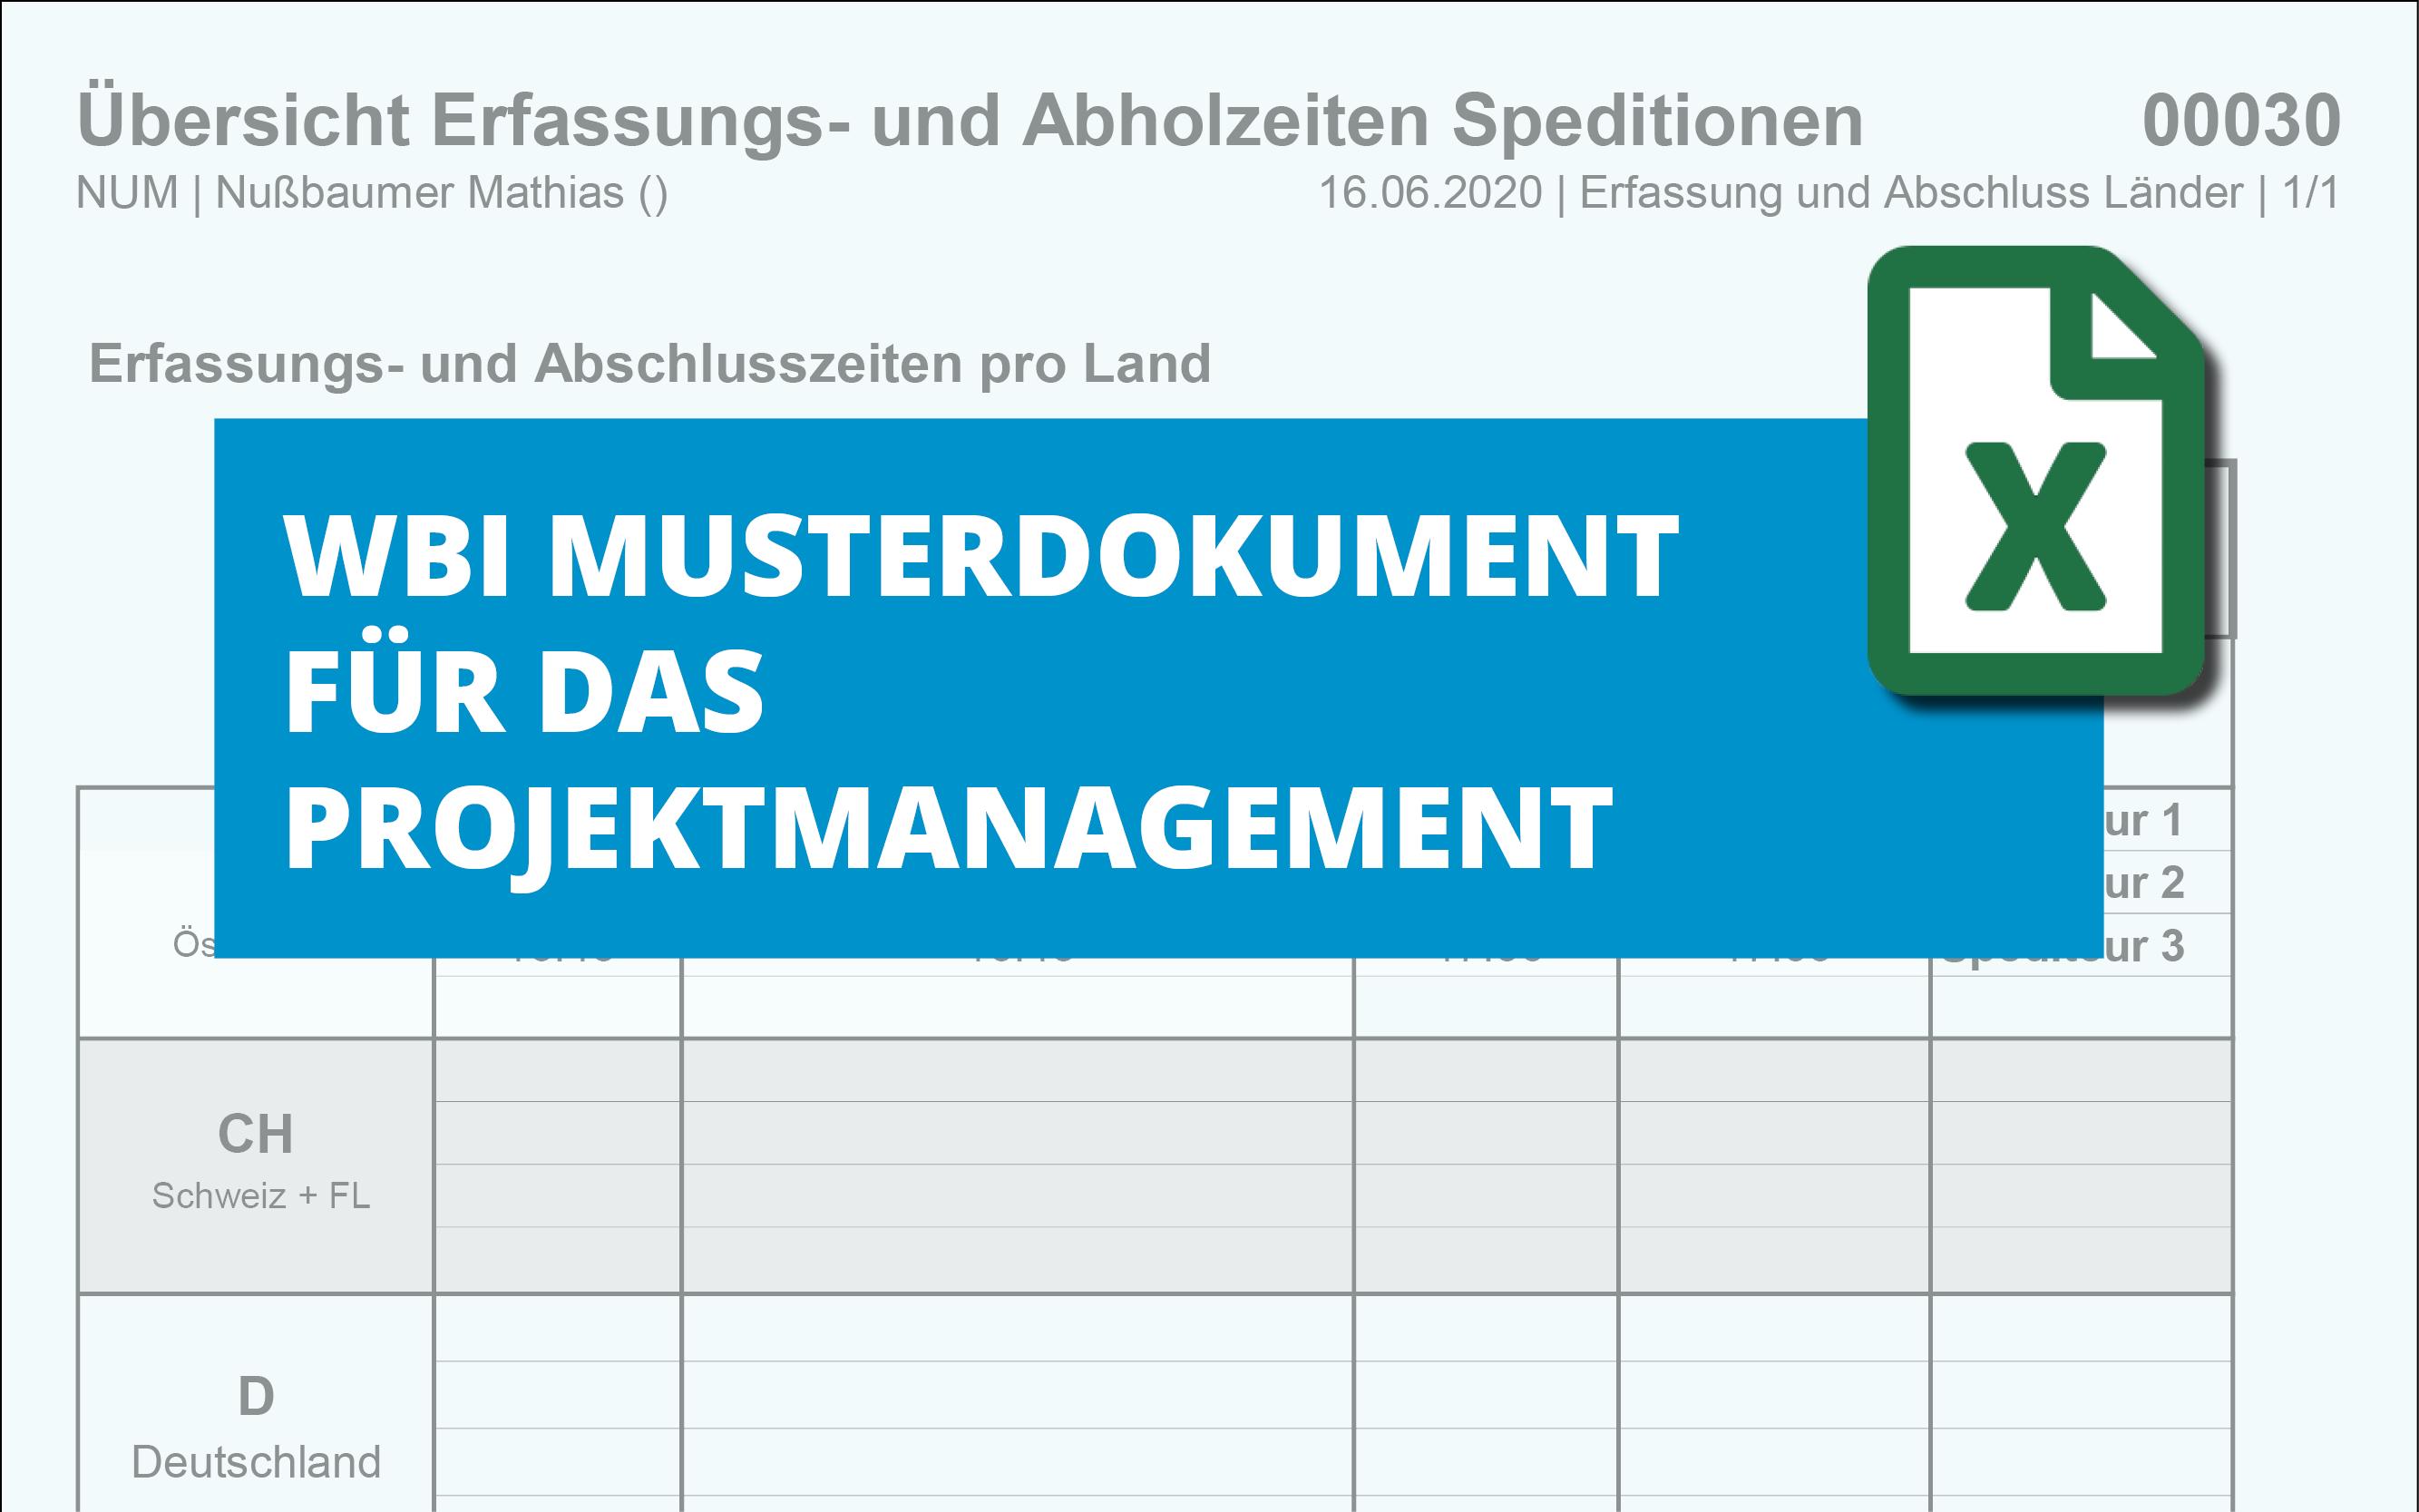 WBI-erfassungs-abholzeiten-speditionen